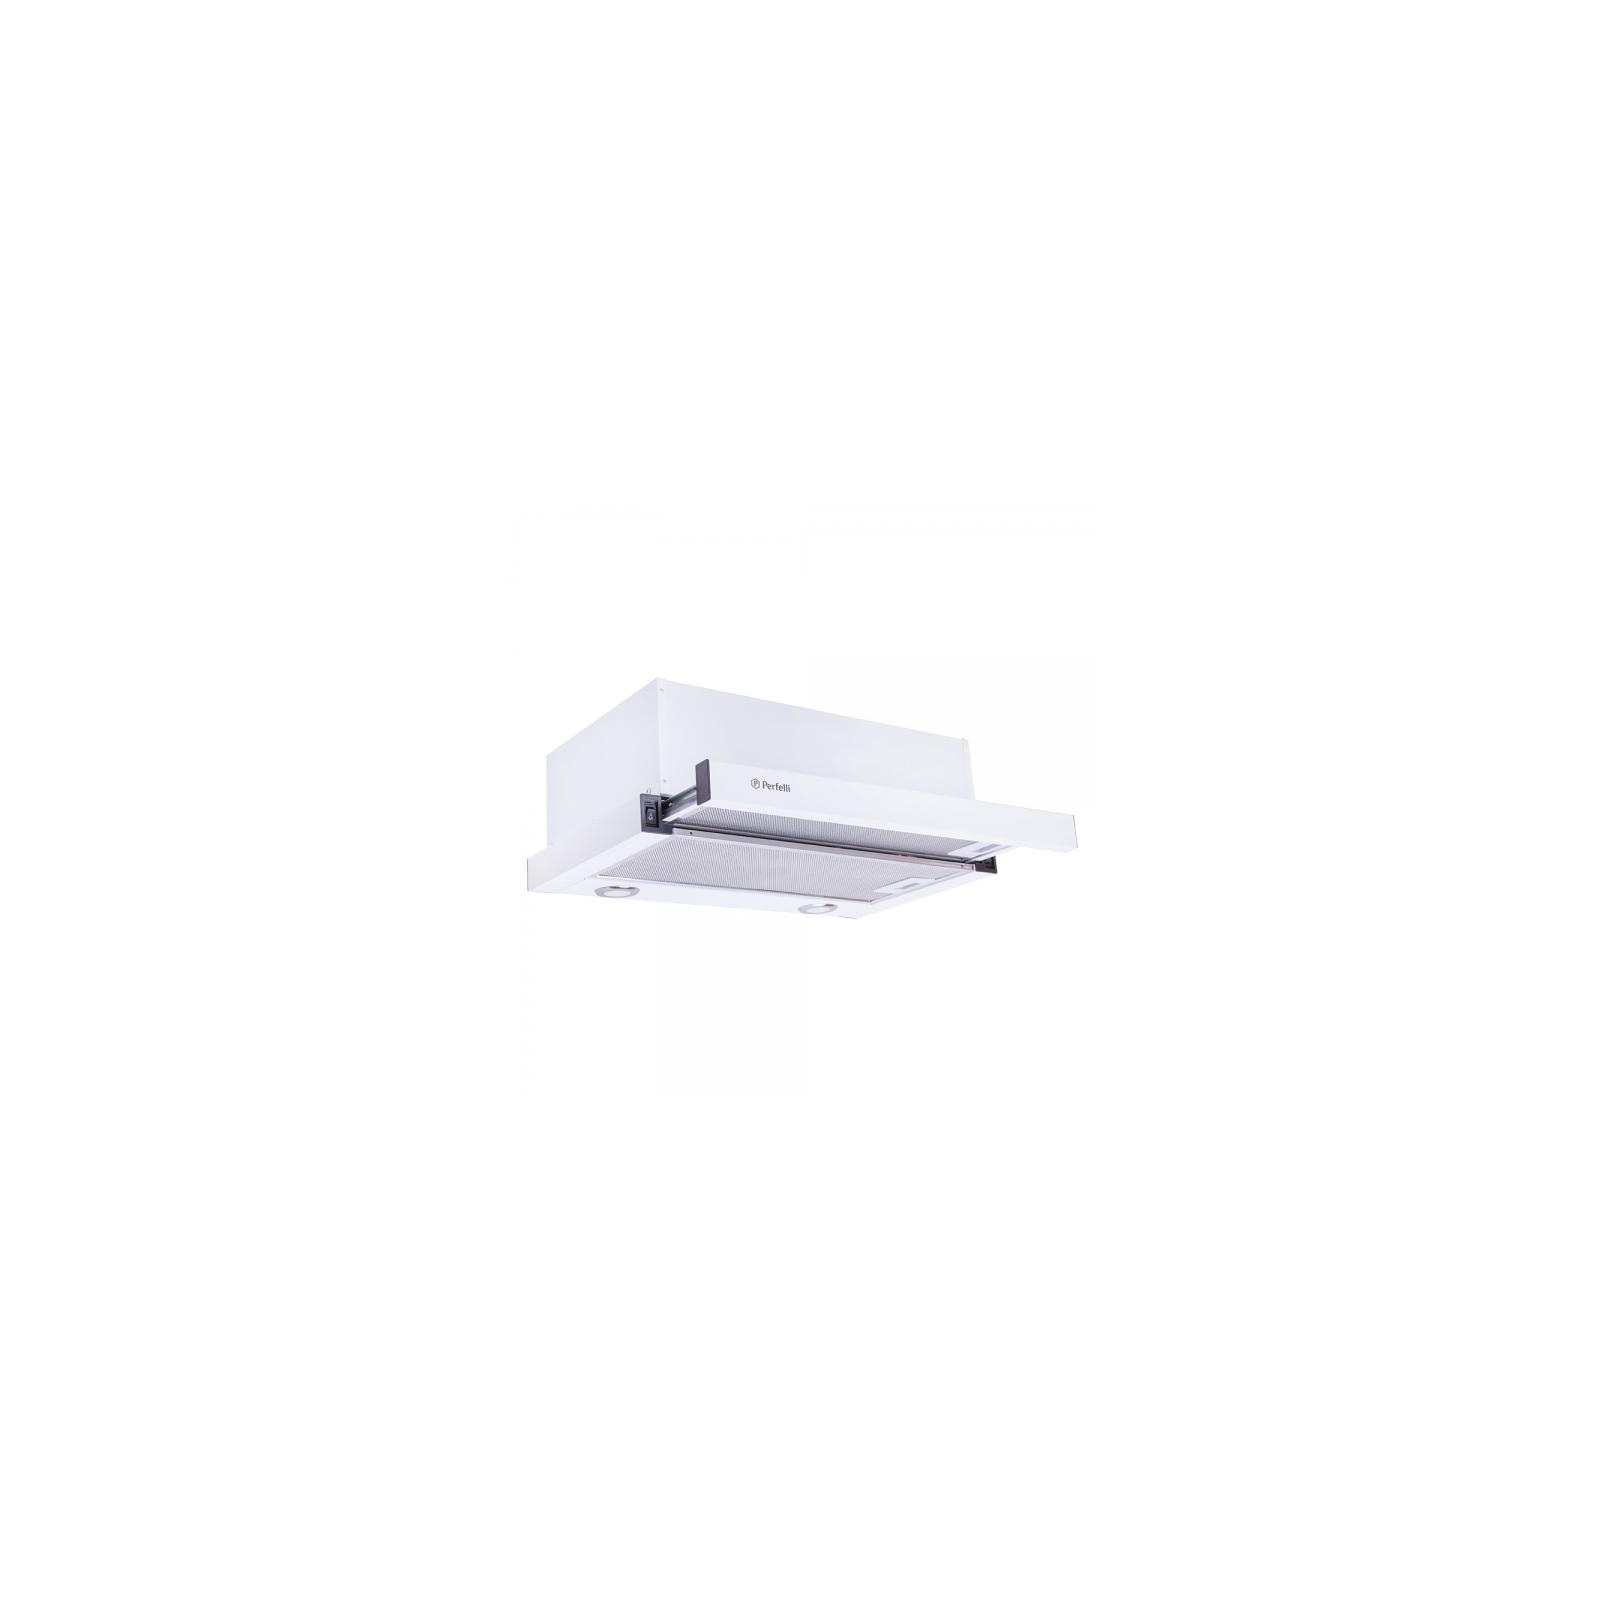 Вытяжка кухонная Perfelli TL 5212 C S/I 650 LED изображение 2